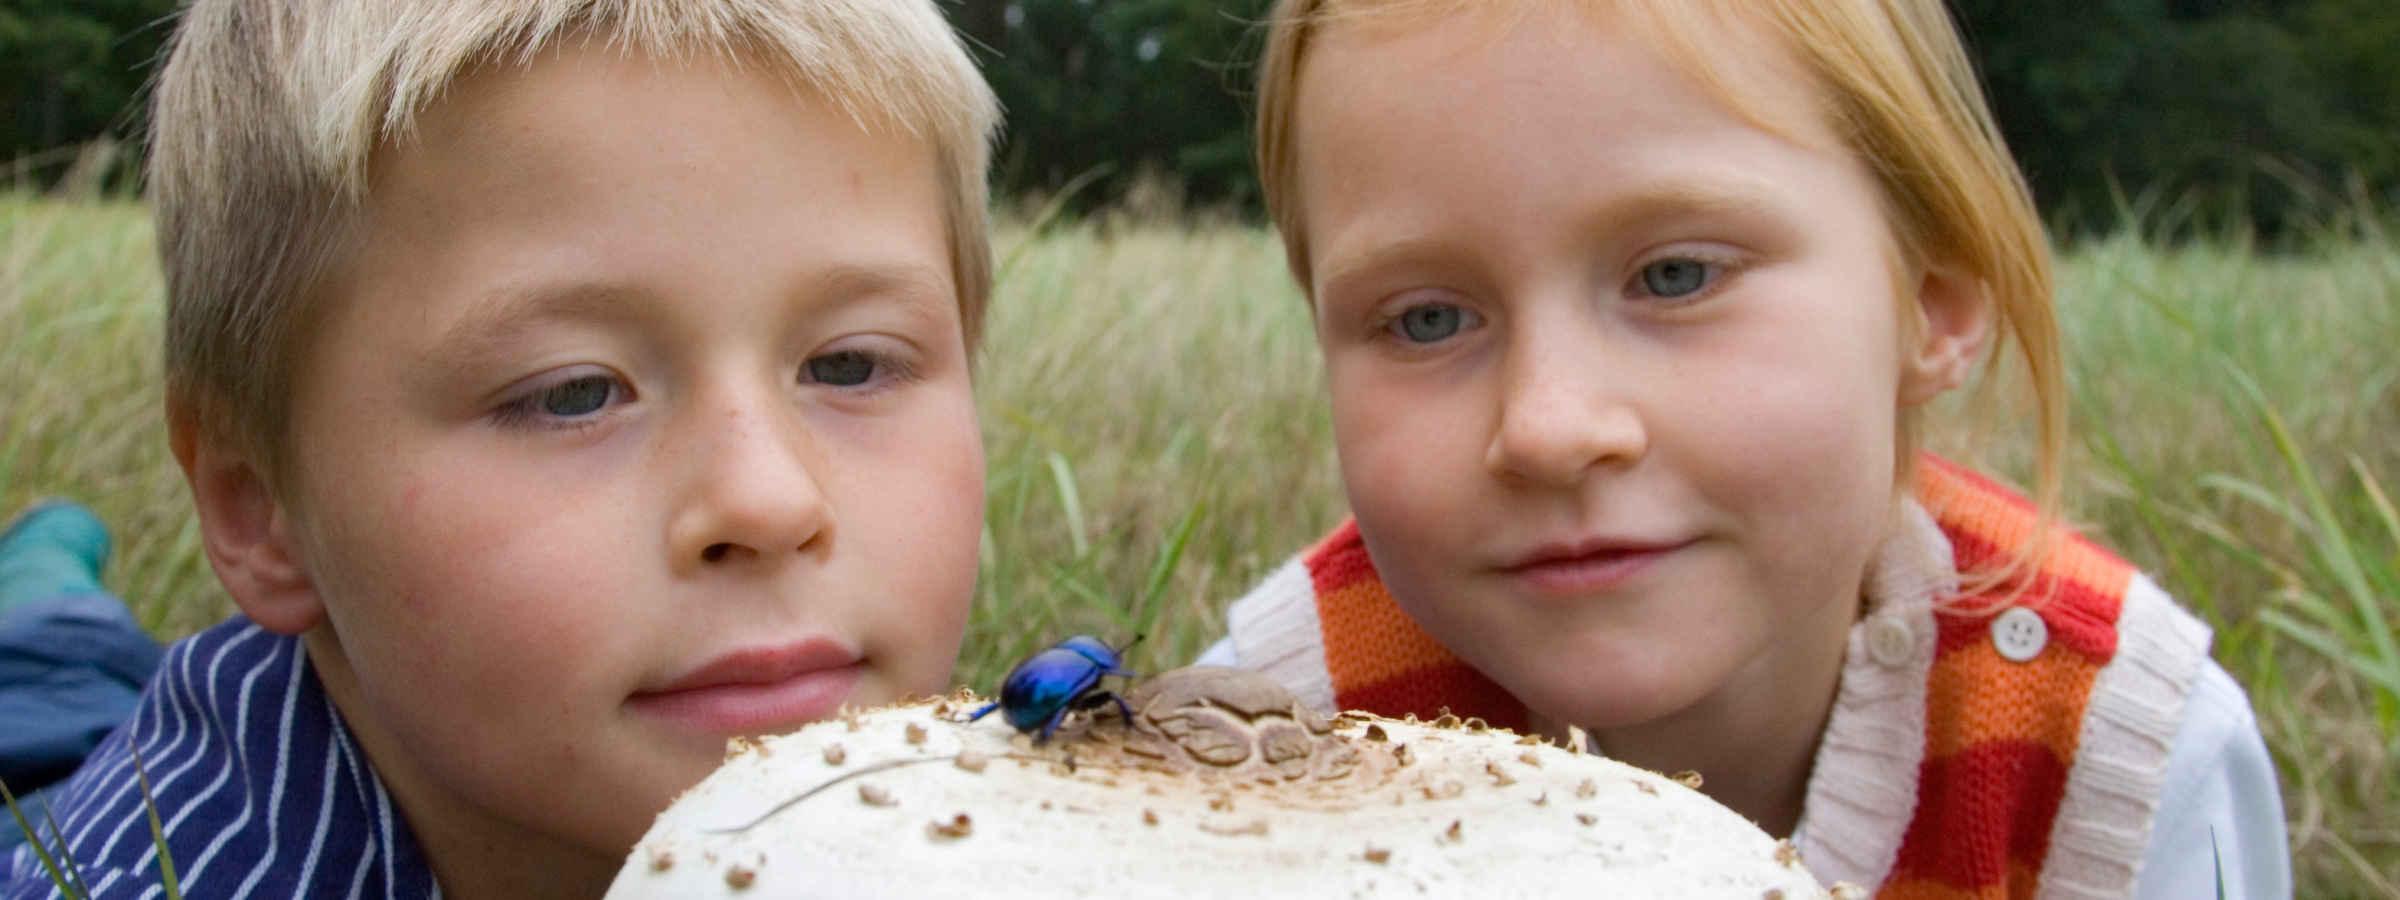 Mädchen und Junge beobachten Käfer